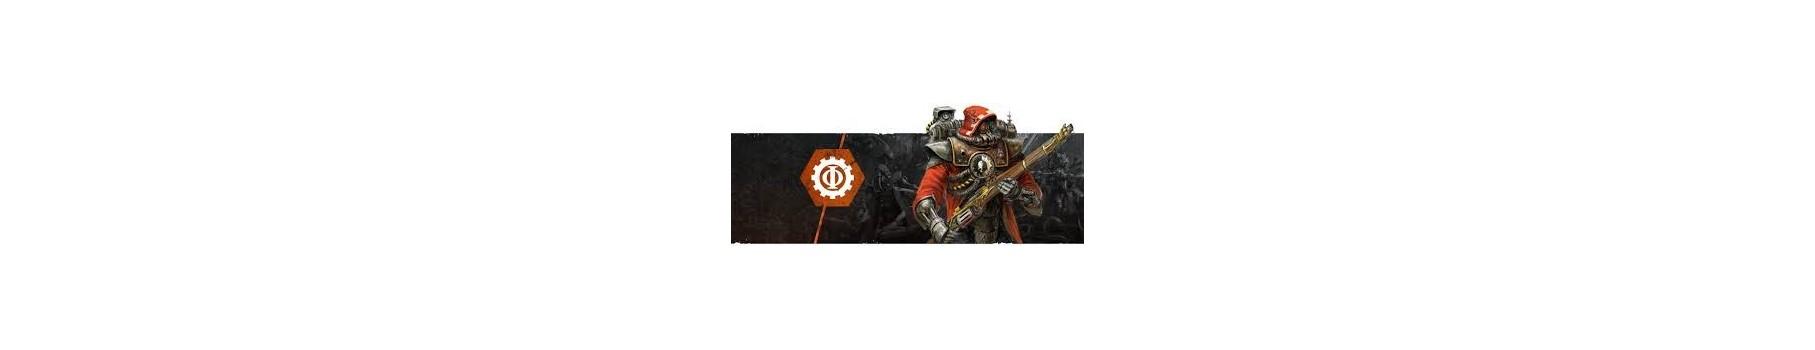 L'Armée des Adeptus Mechanicus de votre Ludicaire Au Chapeau Enchanté